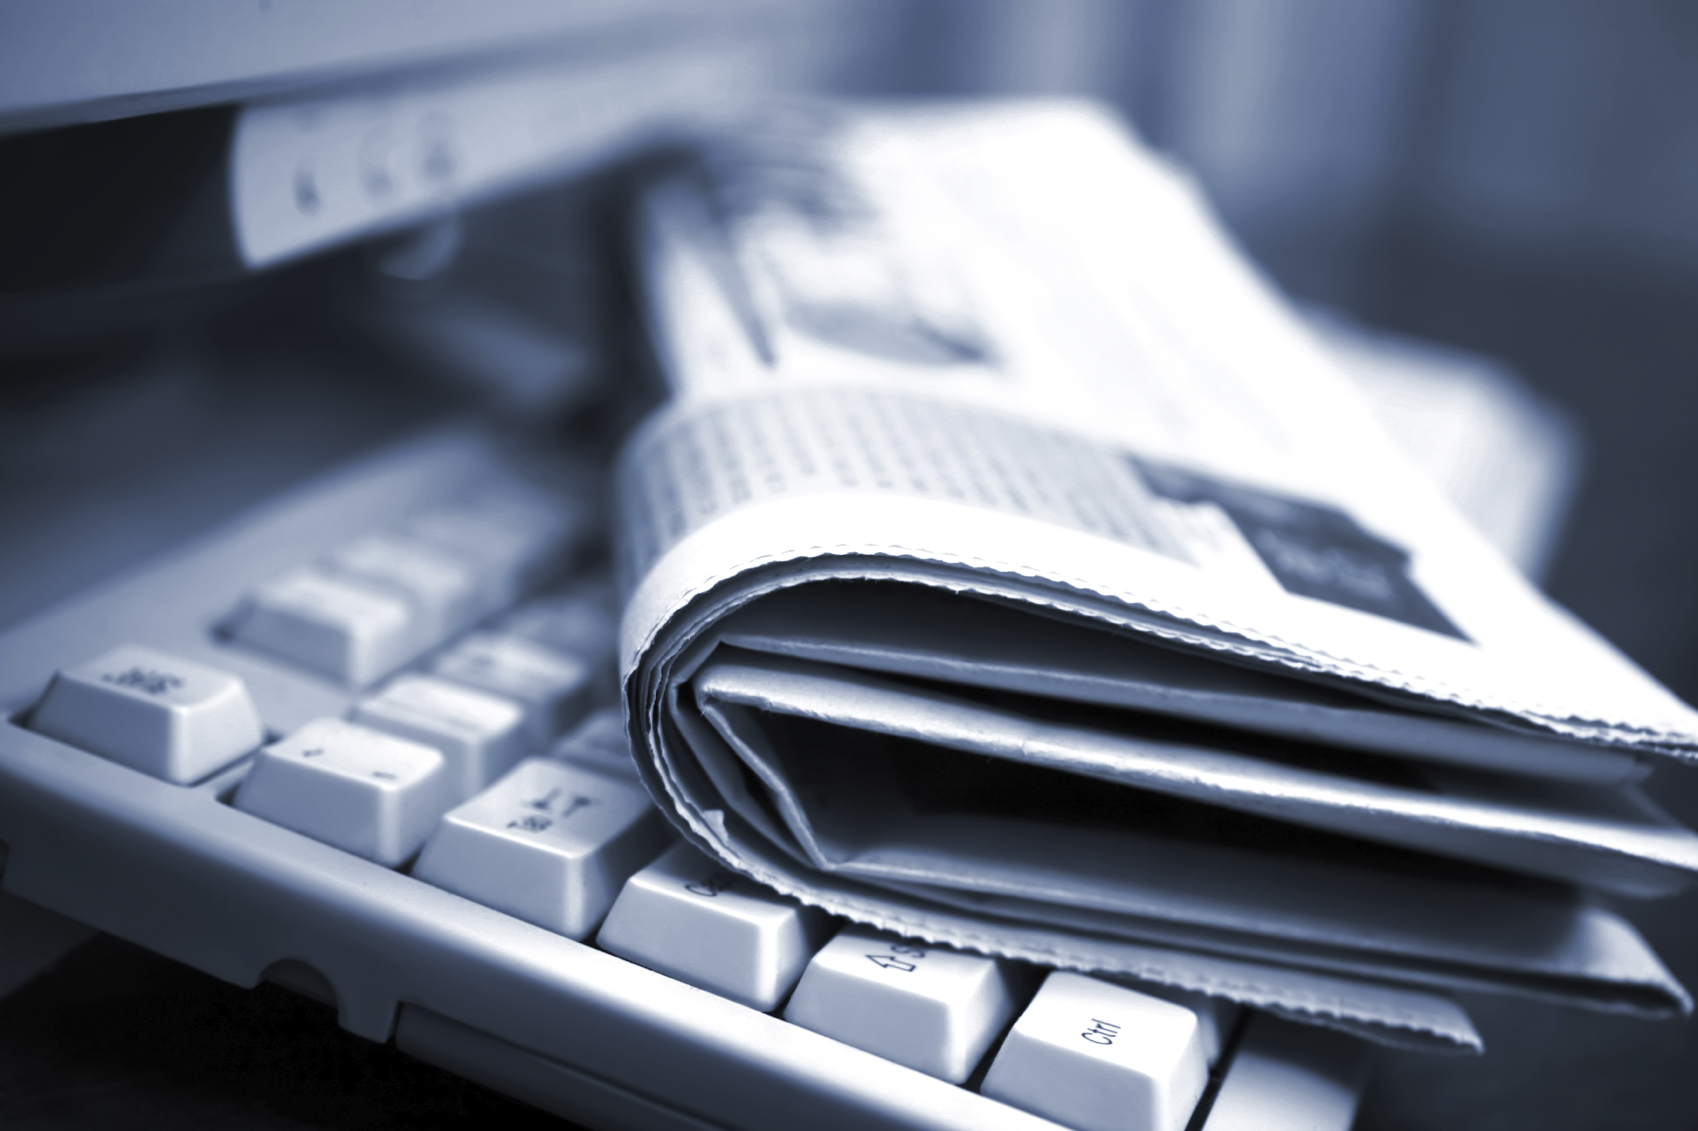 داستان روزنامه نگاری که از دنیای محتوا سر در آورد